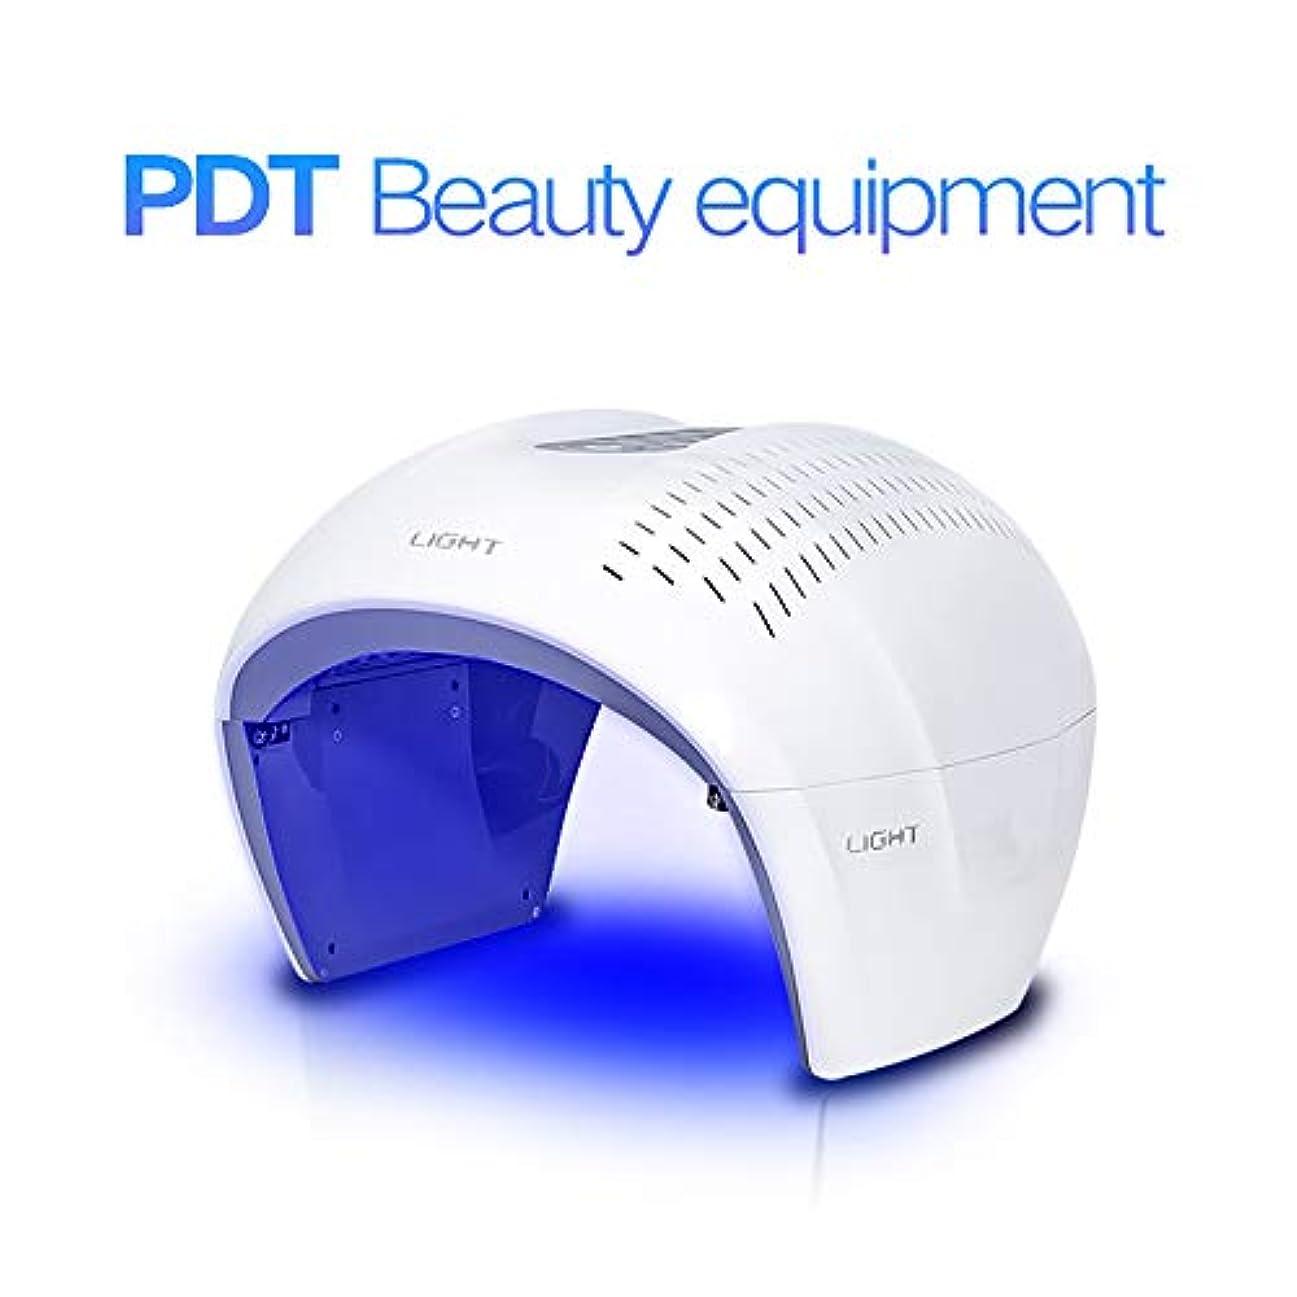 アイロニー共和党ご覧ください健康な肌の若返りのコラーゲン、反老化、4色LEDの美のスキンケアの光子療法機械のための表面光子の赤灯療法